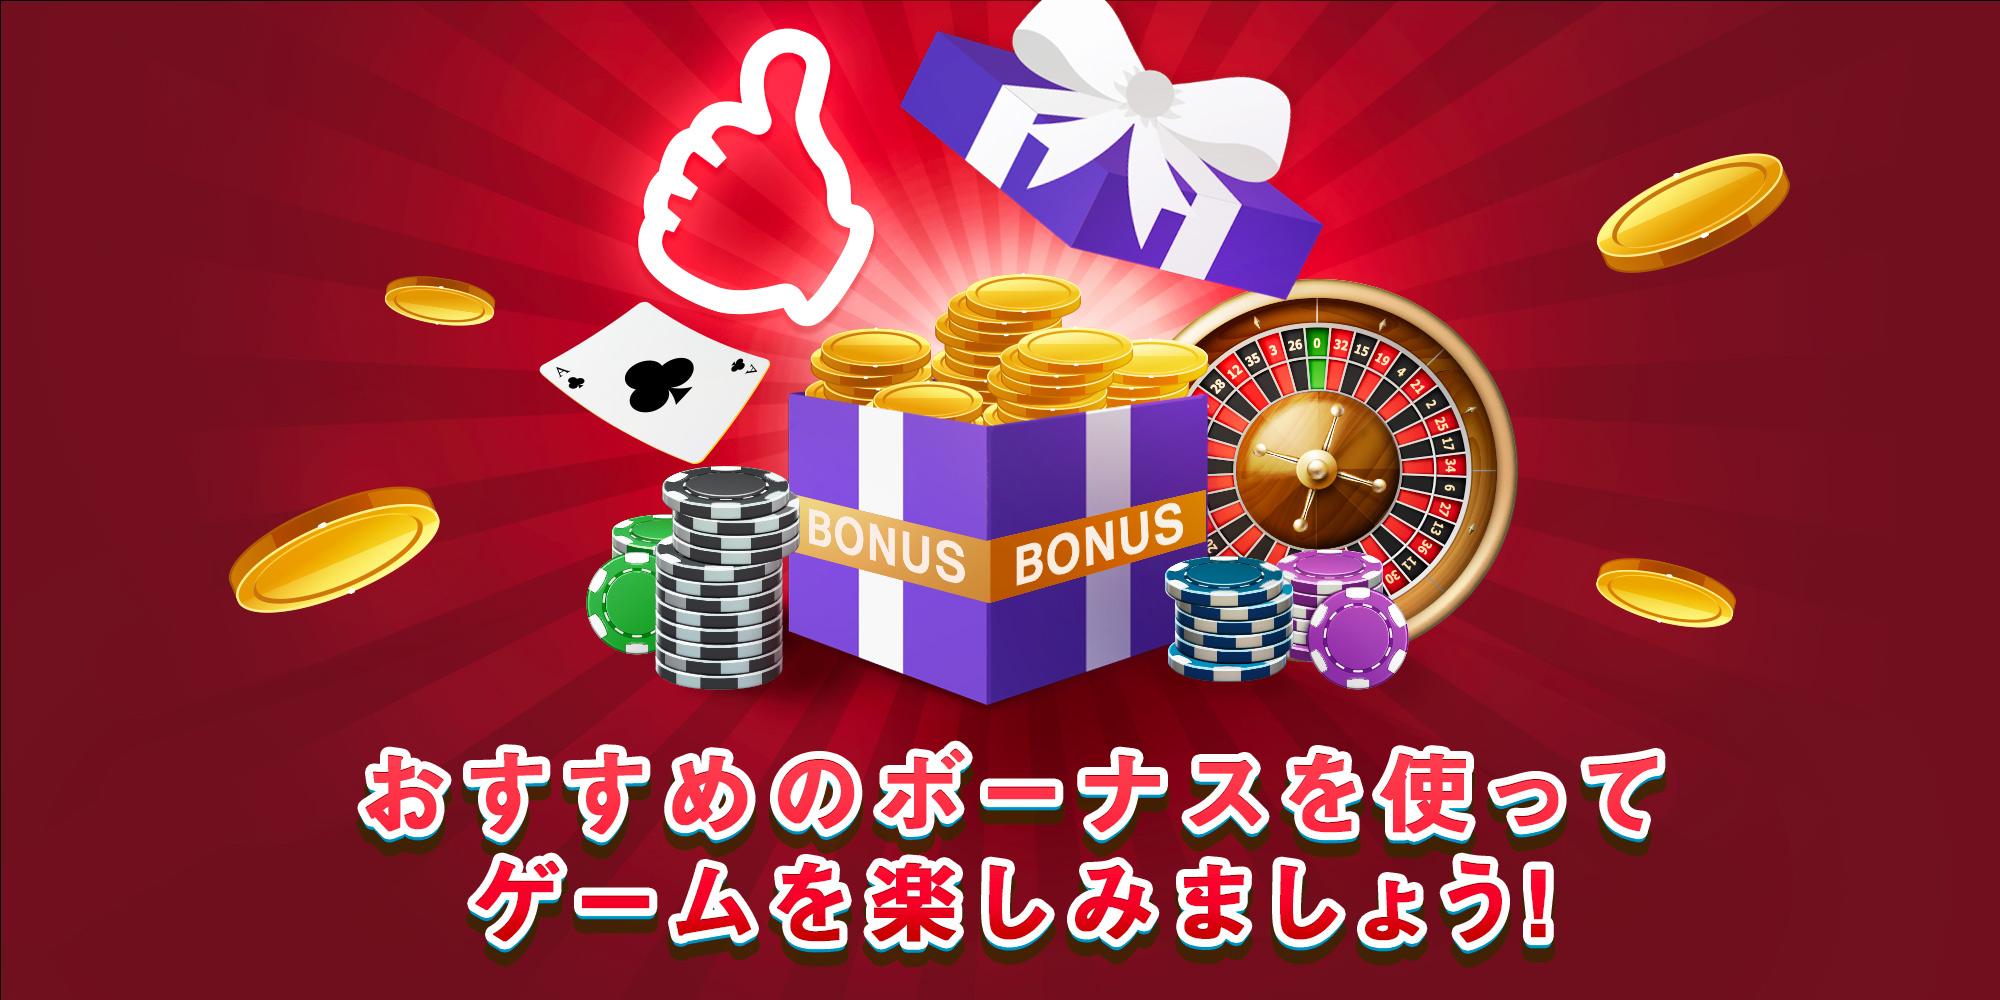 オンラインカジノボーナスゲーム